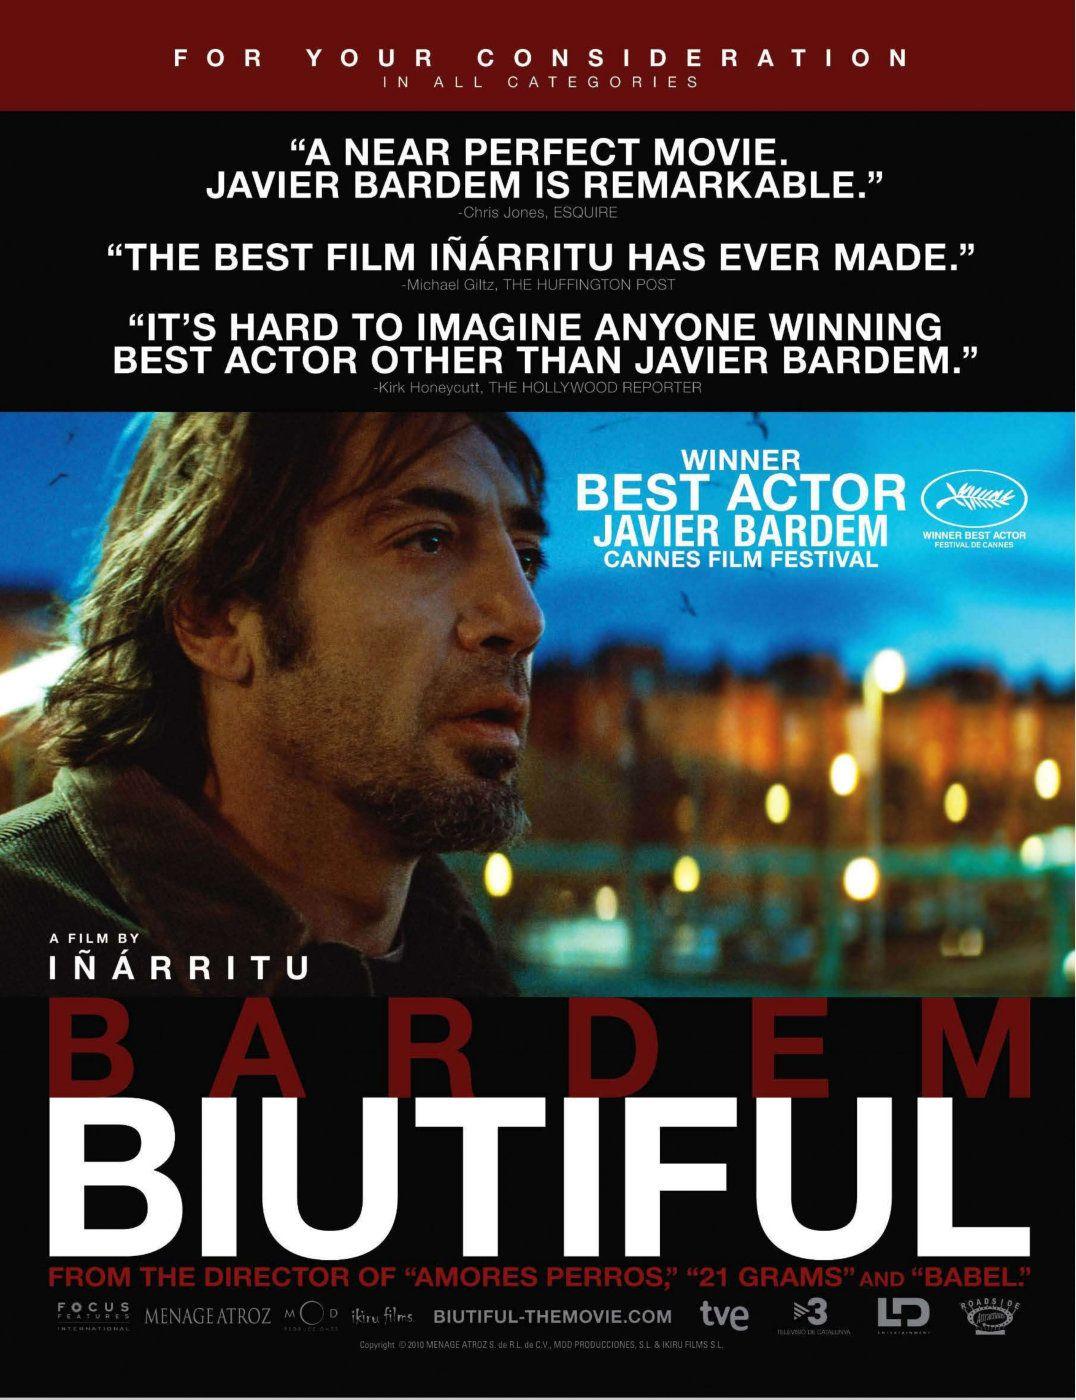 Biutiful awards consideration entry: a film by director Alejandro González Iñárritu